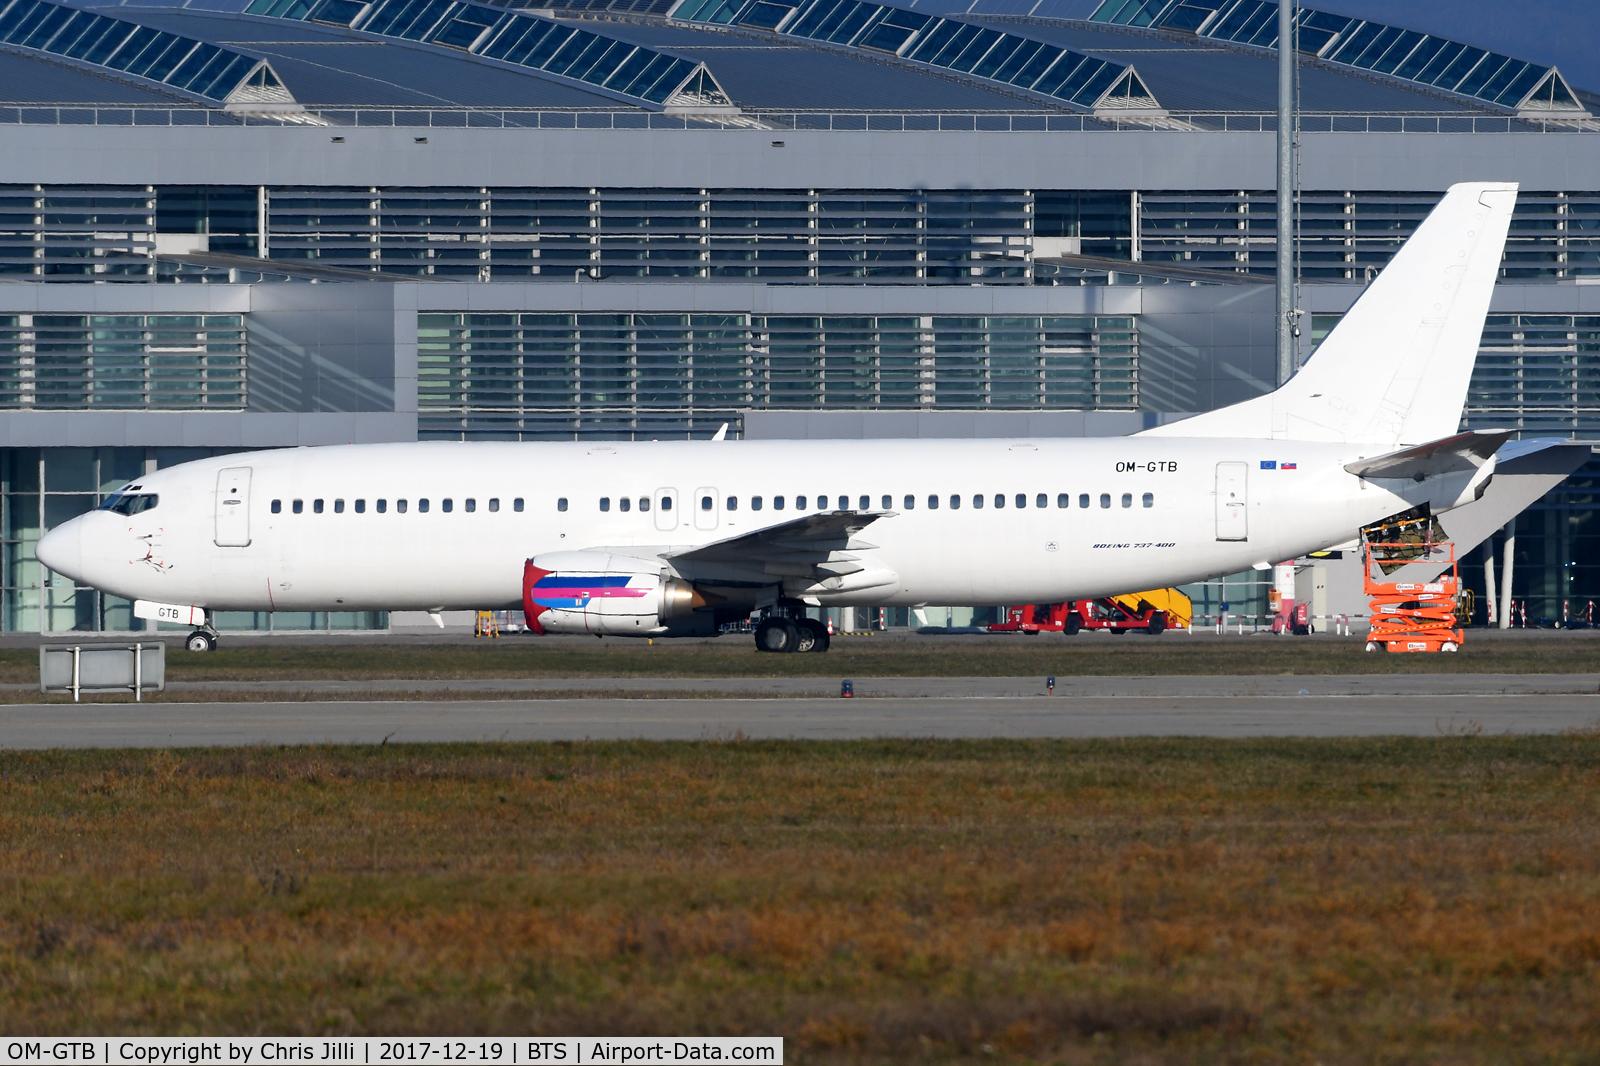 Aircraft OM-GTB (1997 Boeing 737-49R C/N 28882) Photo by